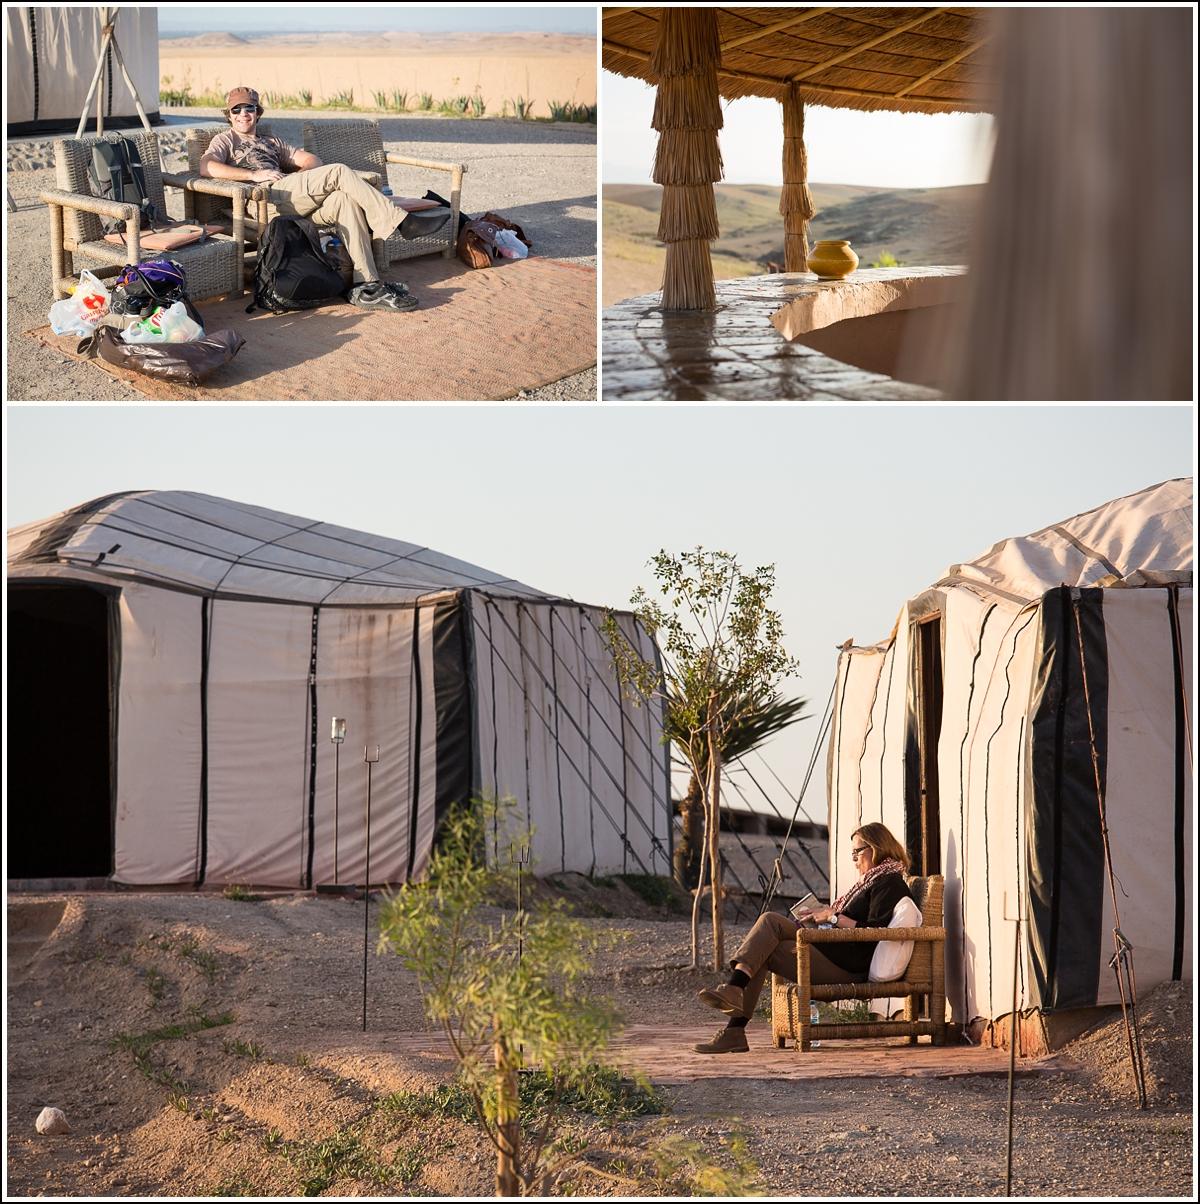 Terre-des-etoiles-desert-chilling-marocco